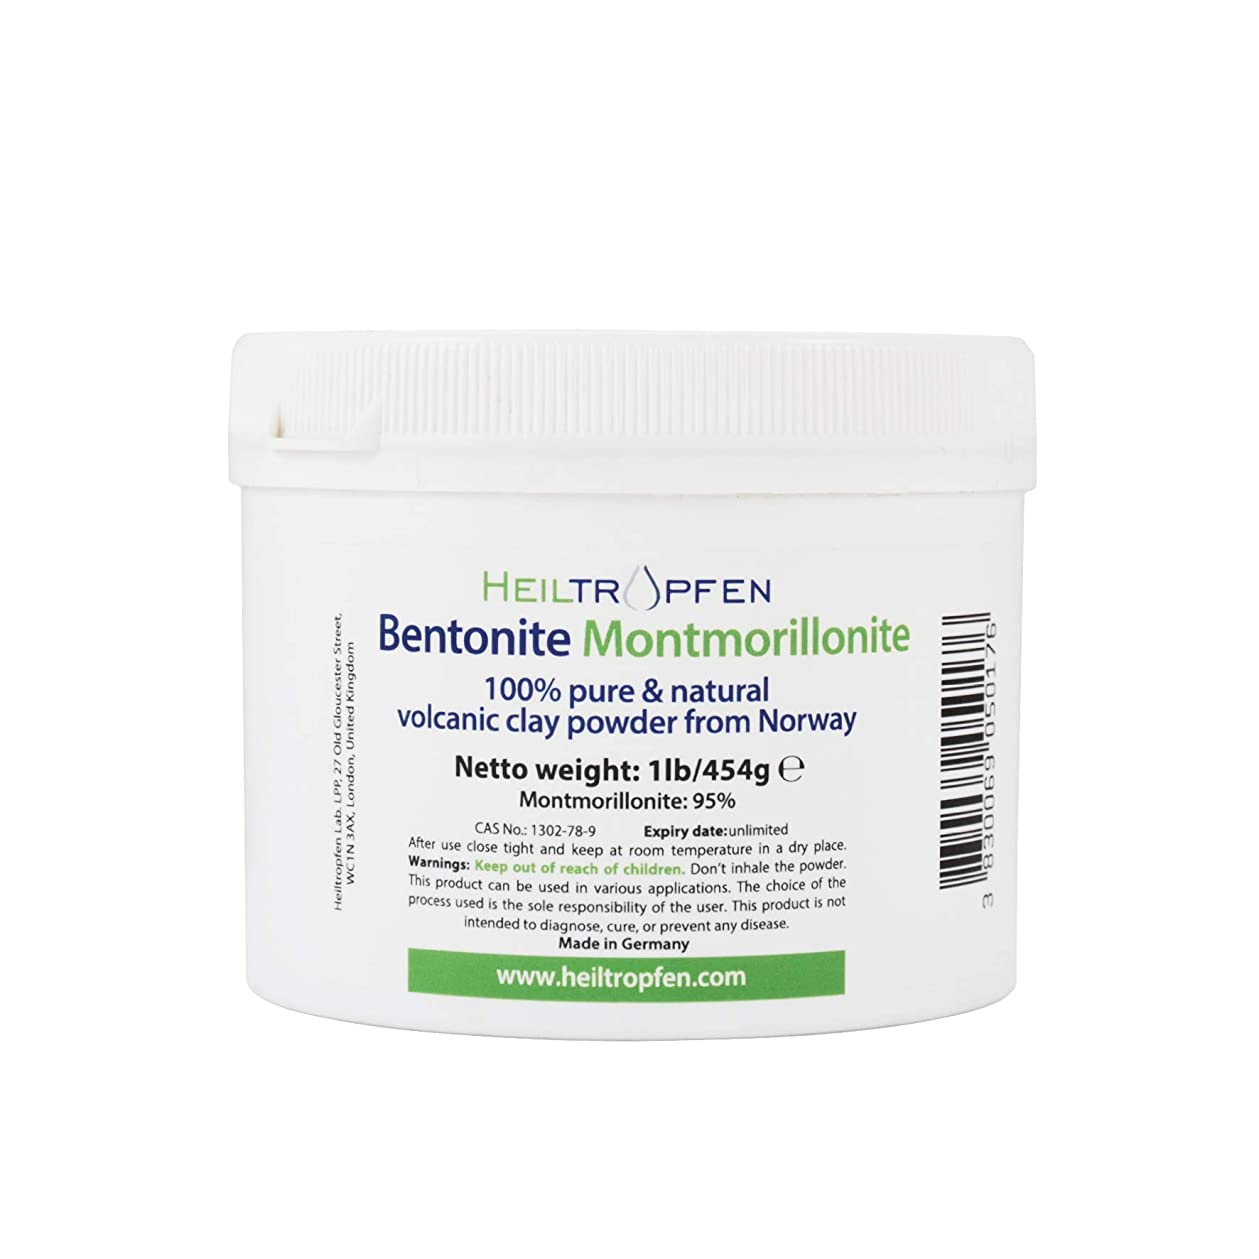 心臓モバイル腸ベントナイトモンモリロナイトパウダー、1lb-454g、ウルトラファイン、モンモリロナイト含有量:95%、天然ミネラルダスト。bentonite